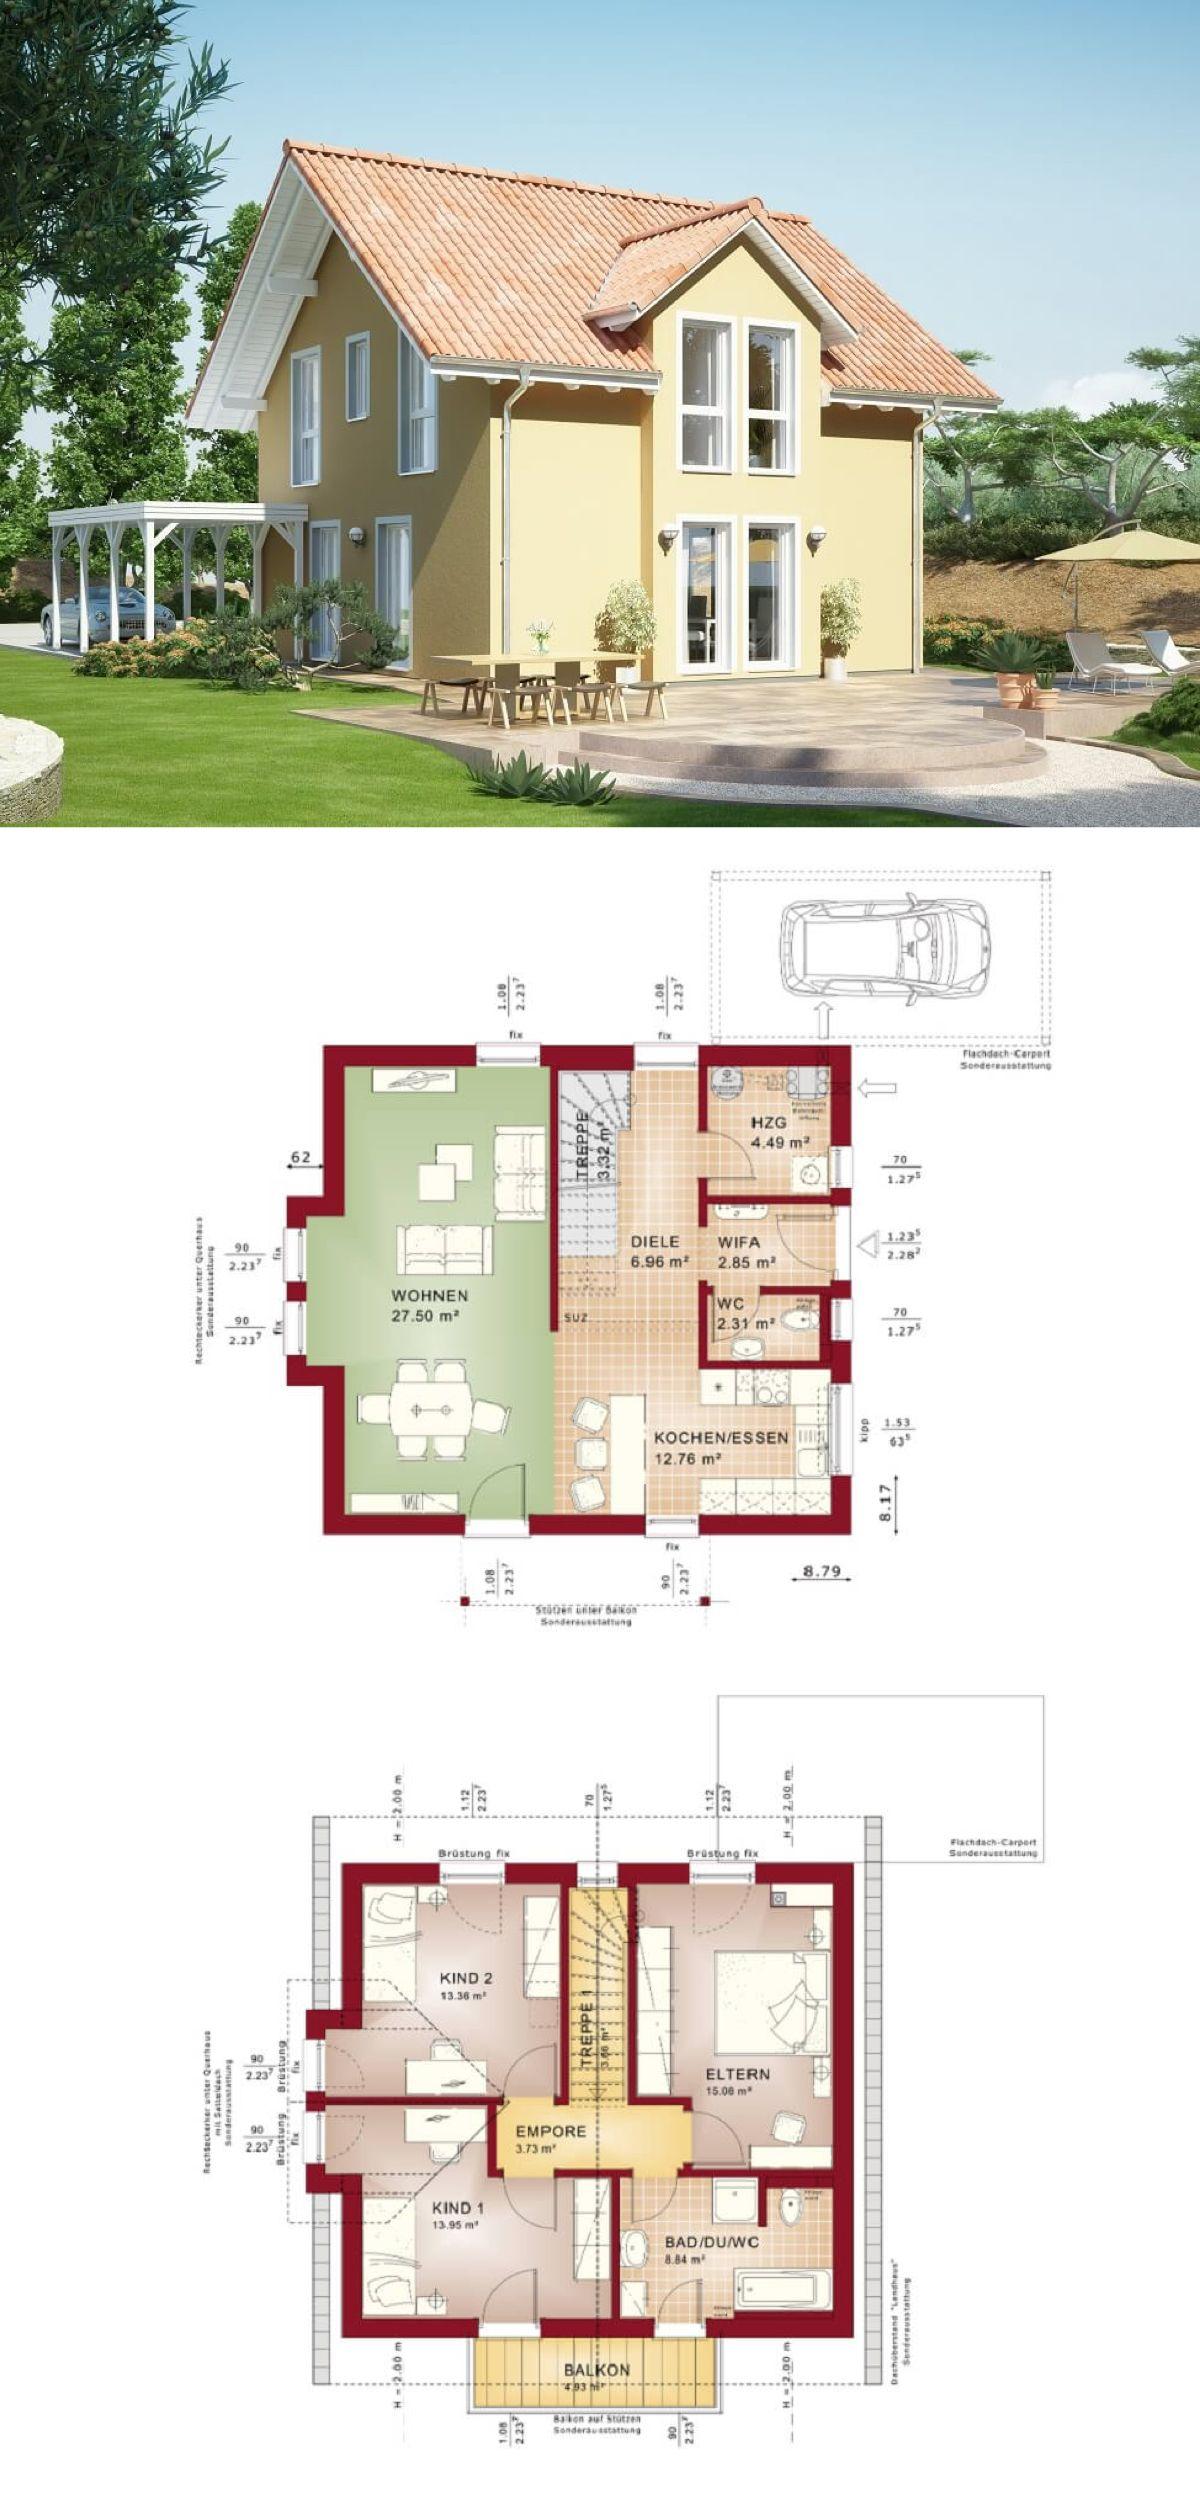 Einfamilienhaus Evolution 116 V4 Bien Zenker   Haus Grundriss Modern Offene  Küche Carport Satteldach   HausbauDirekt